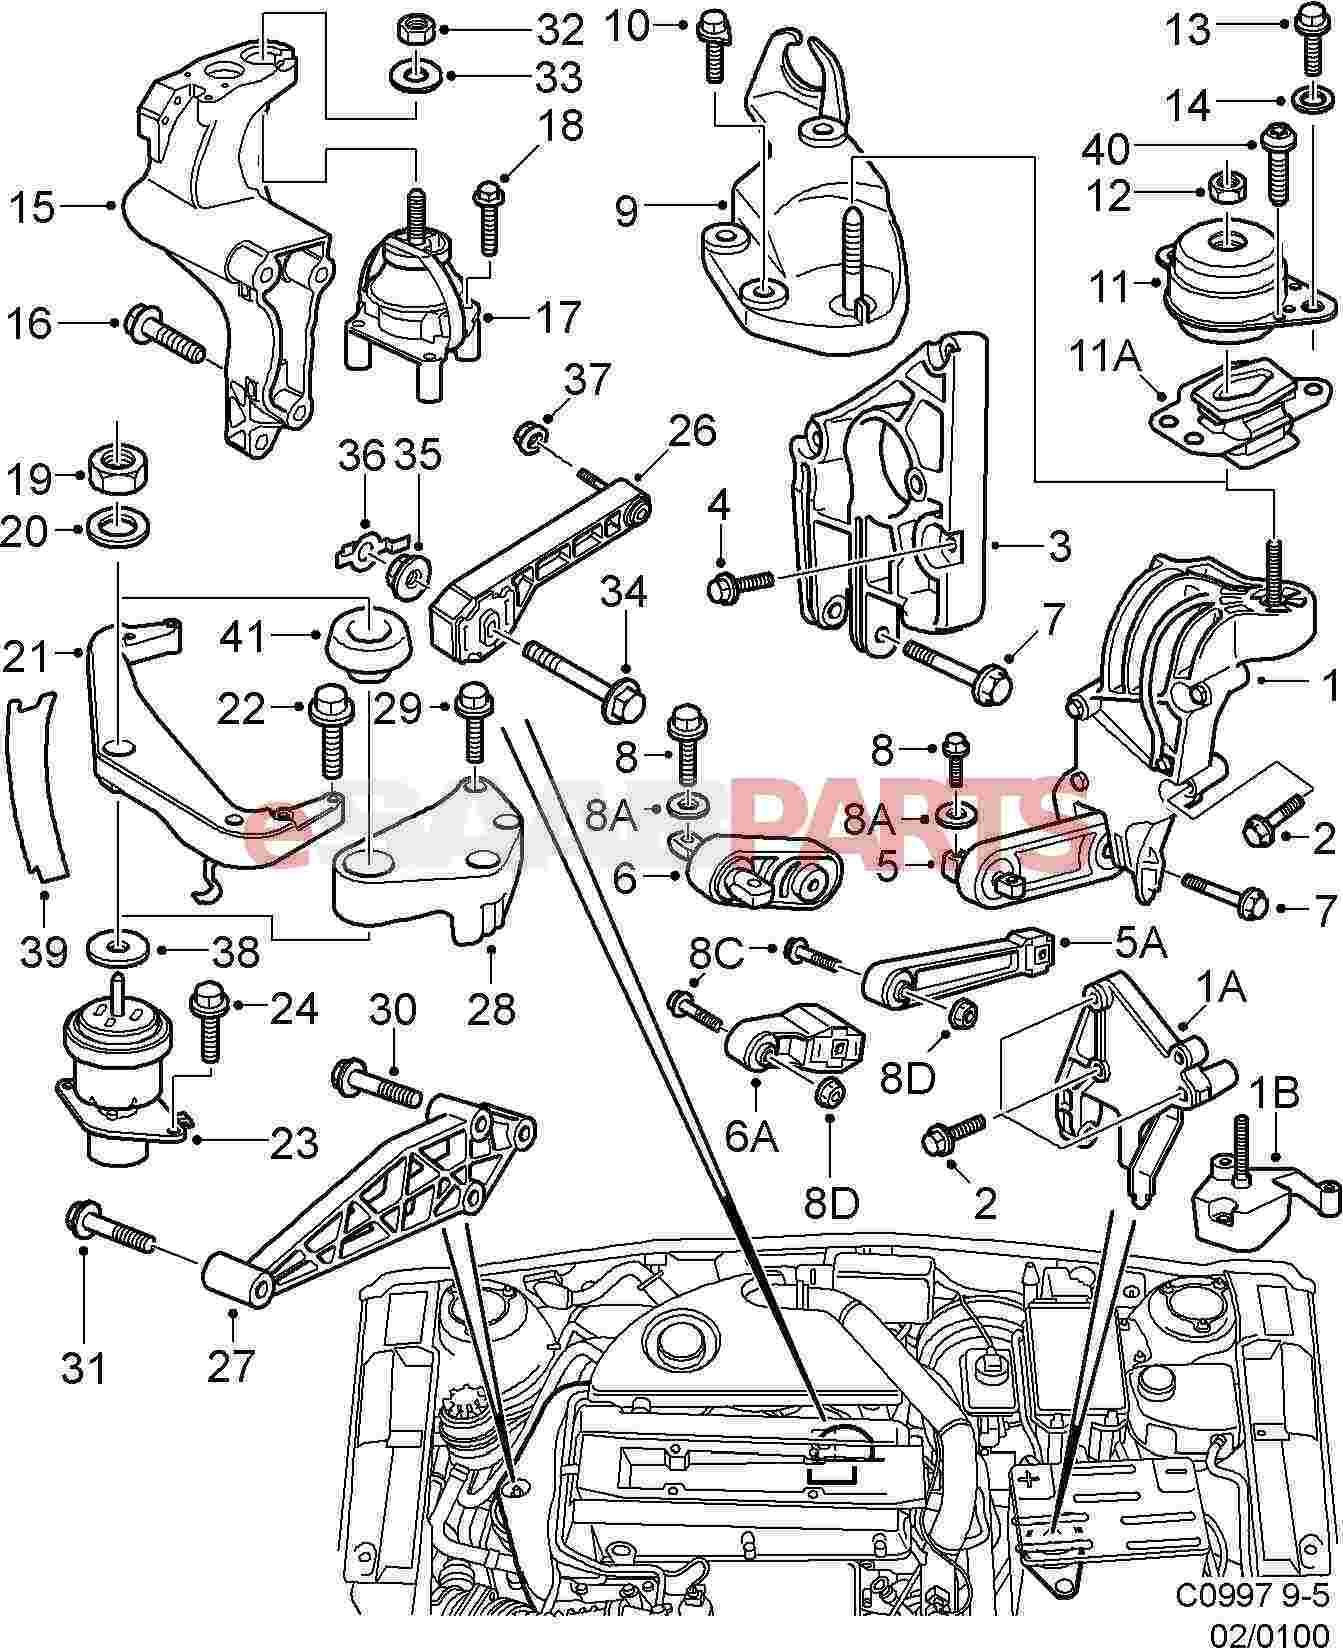 KK_1450] Saab 2 8 Turbo V6 Engine Diagram Saab Circuit Diagrams Download  Diagram